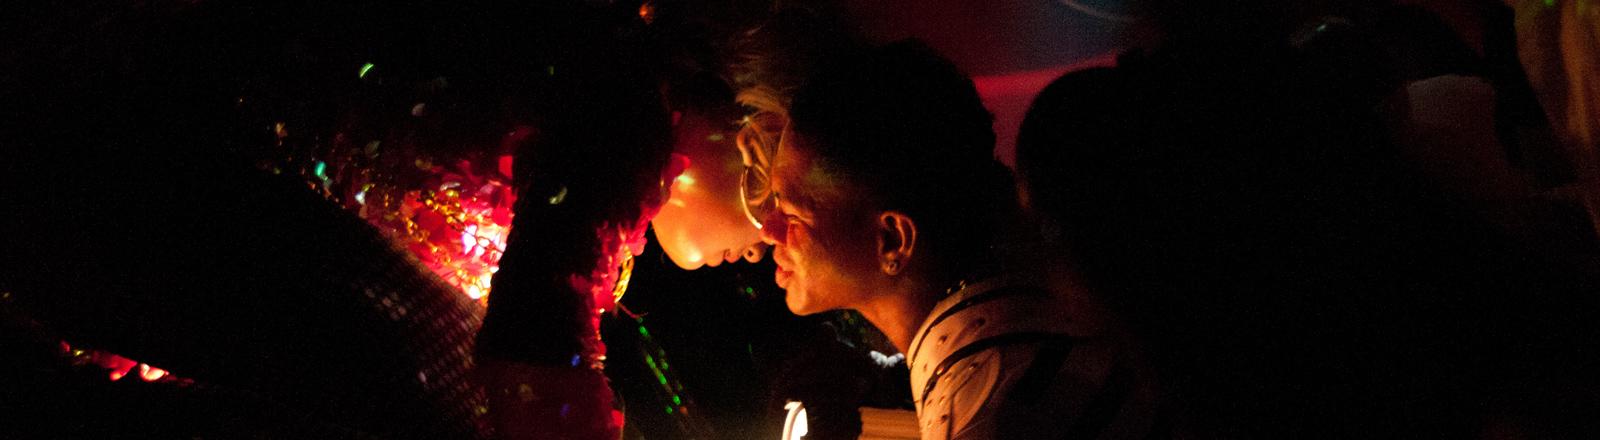 Homosexualität ist in Indonesien (im Gegensatz zu vielen asiatischen Ländern) legal und wir auf Bali toleriert. Im Nachleben in Seminyak in der Nähe der Touristen Hochburg Kuta ist die Mixwell Bar mit ihrer Show sehr beliebt.